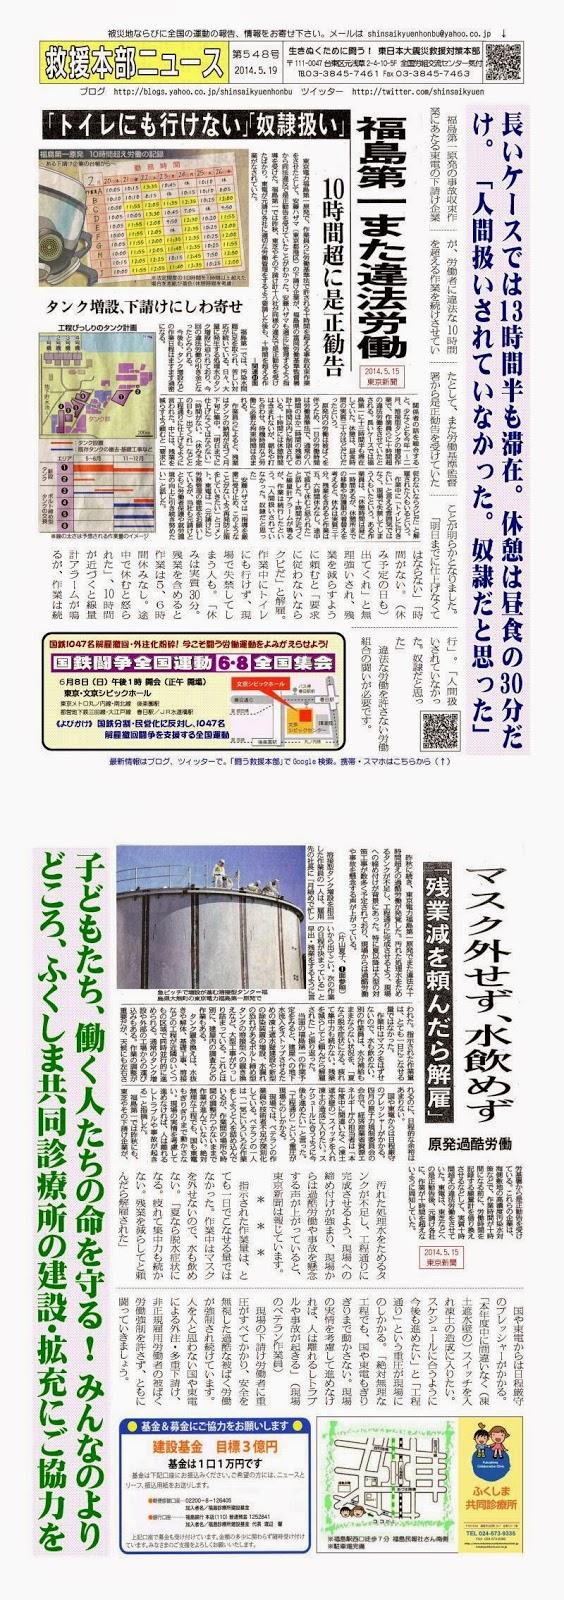 http://blogs.yahoo.co.jp/shinsaikyuenhonbu/12160711.html